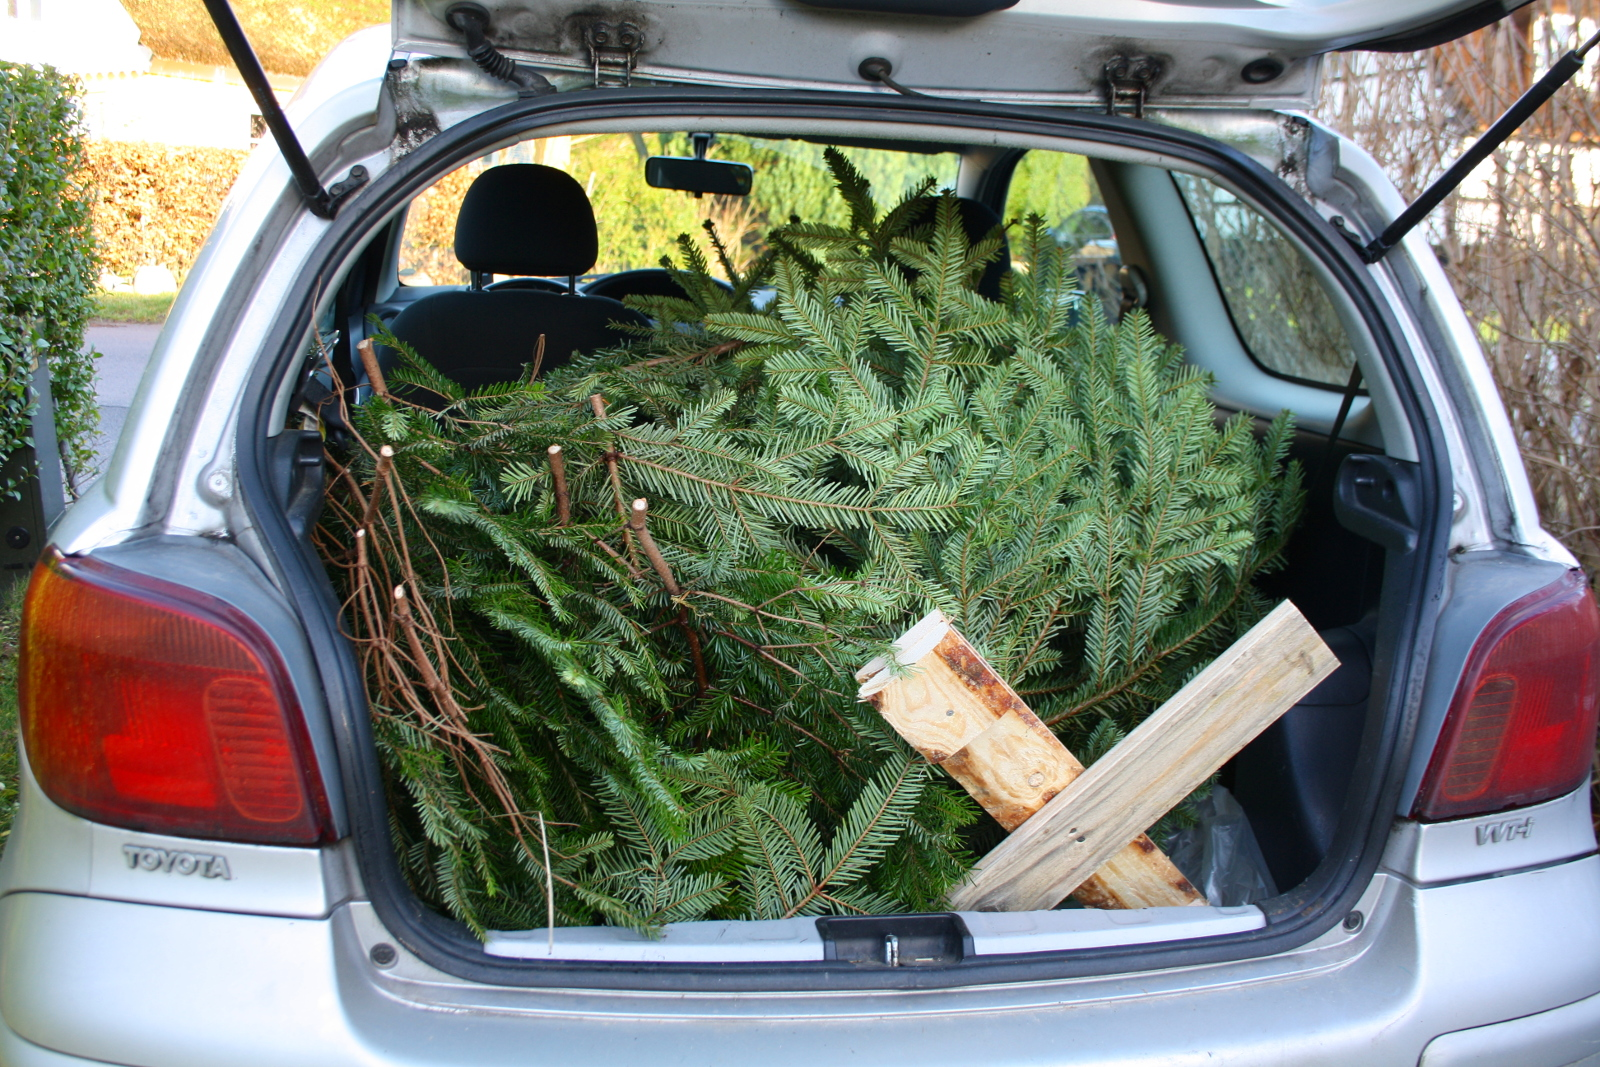 Juletræ i bil